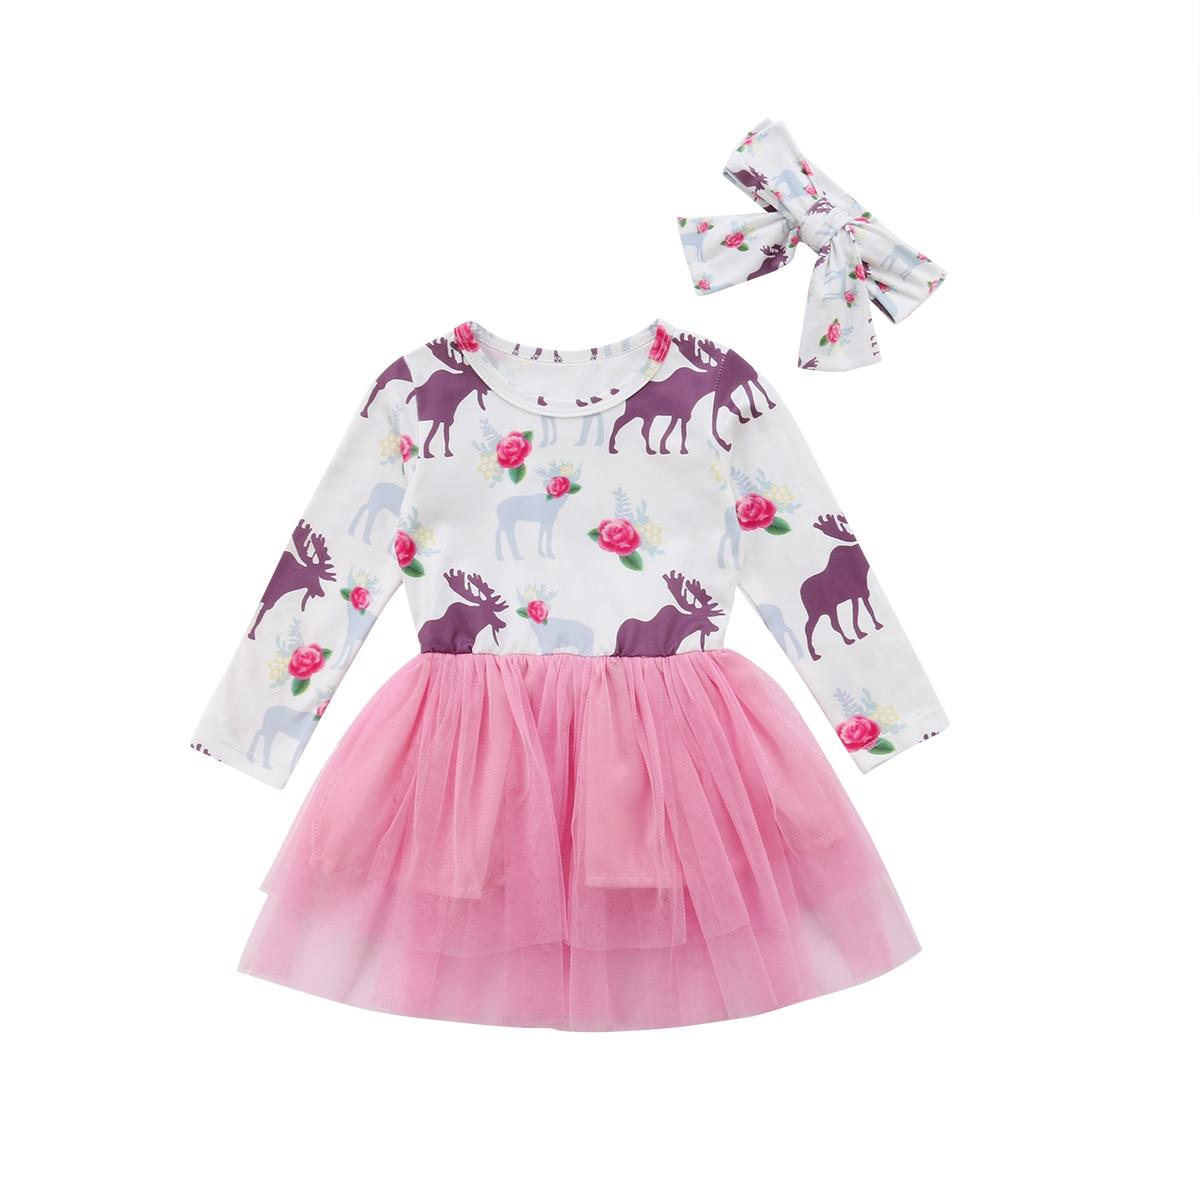 Neugeborenen Baby Mädchen Rock Strumpf Taste Baumwolle Solide Insgesamt Rock Party Baumwolle Tutu Rock Röcke Mädchen Kleidung